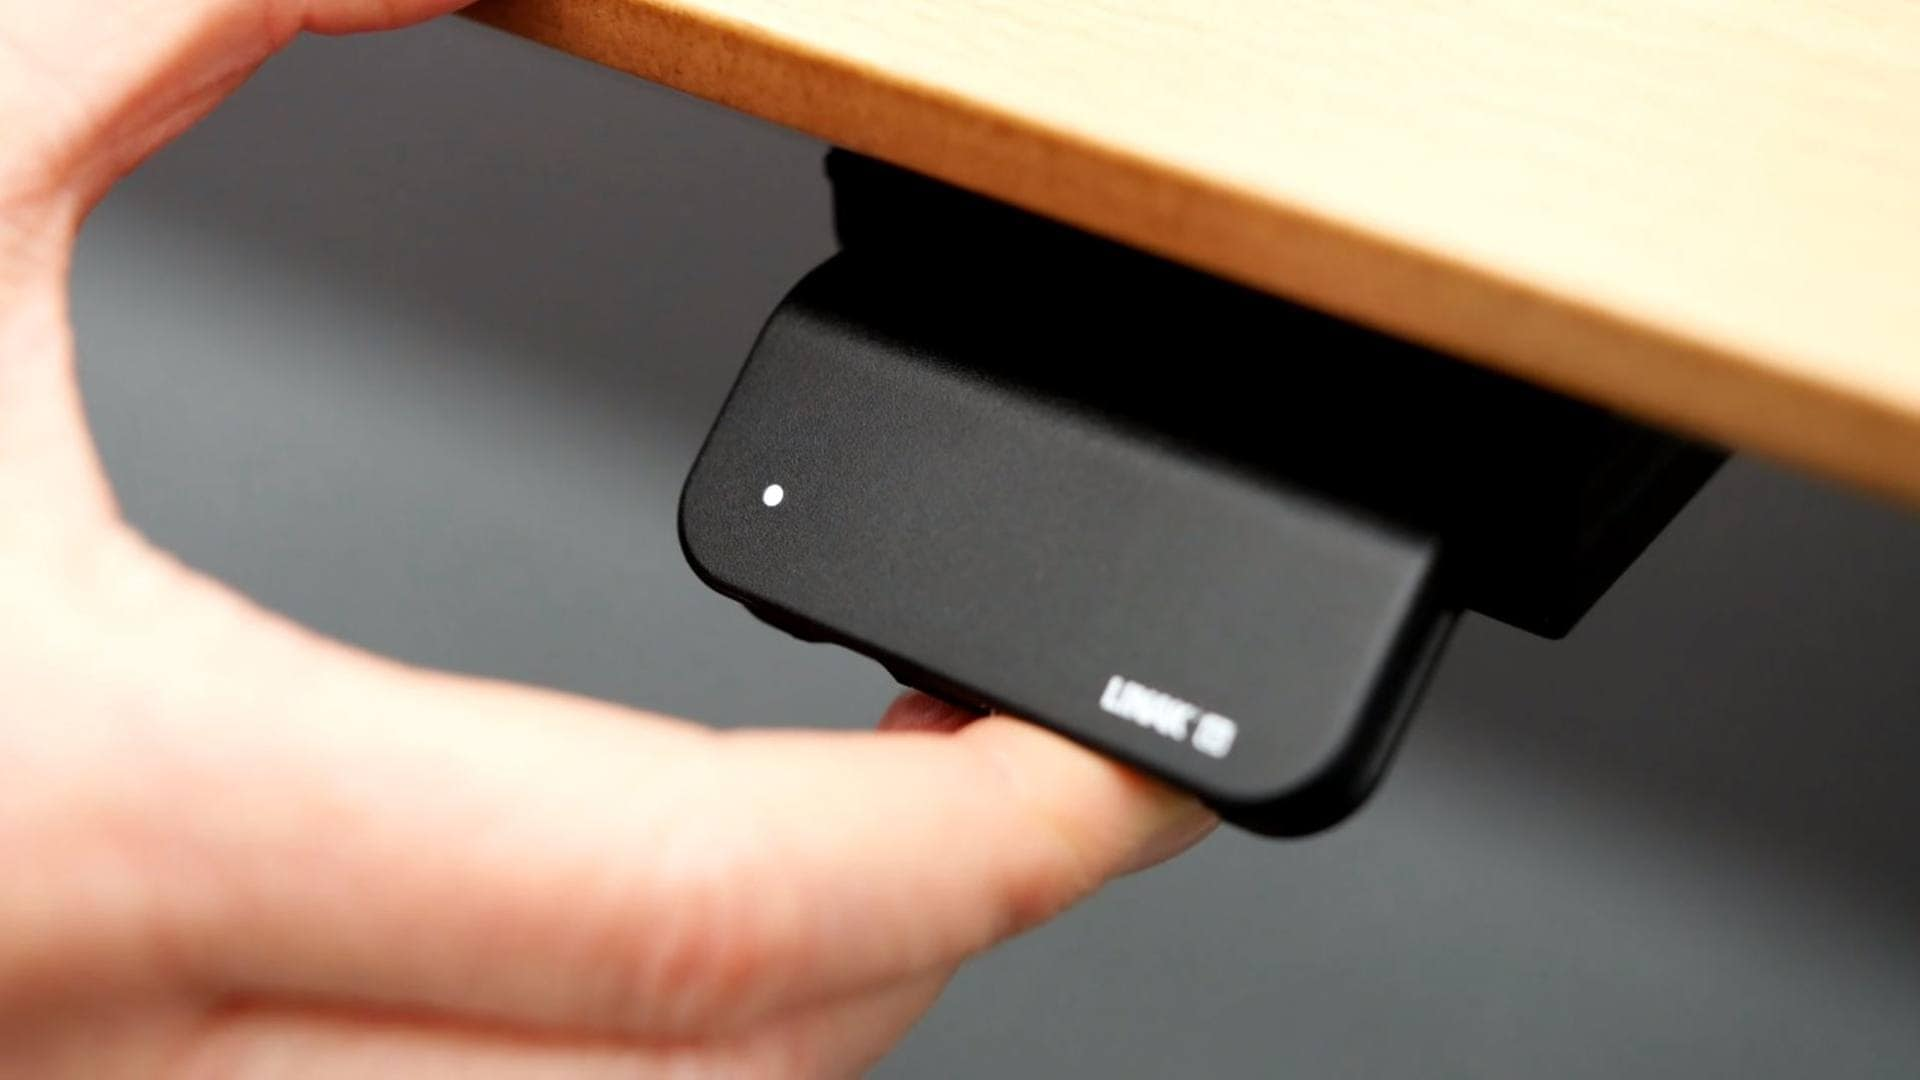 Panel de control de escritorio DPG1M - Cómo usar la memoria y el accionamiento automático